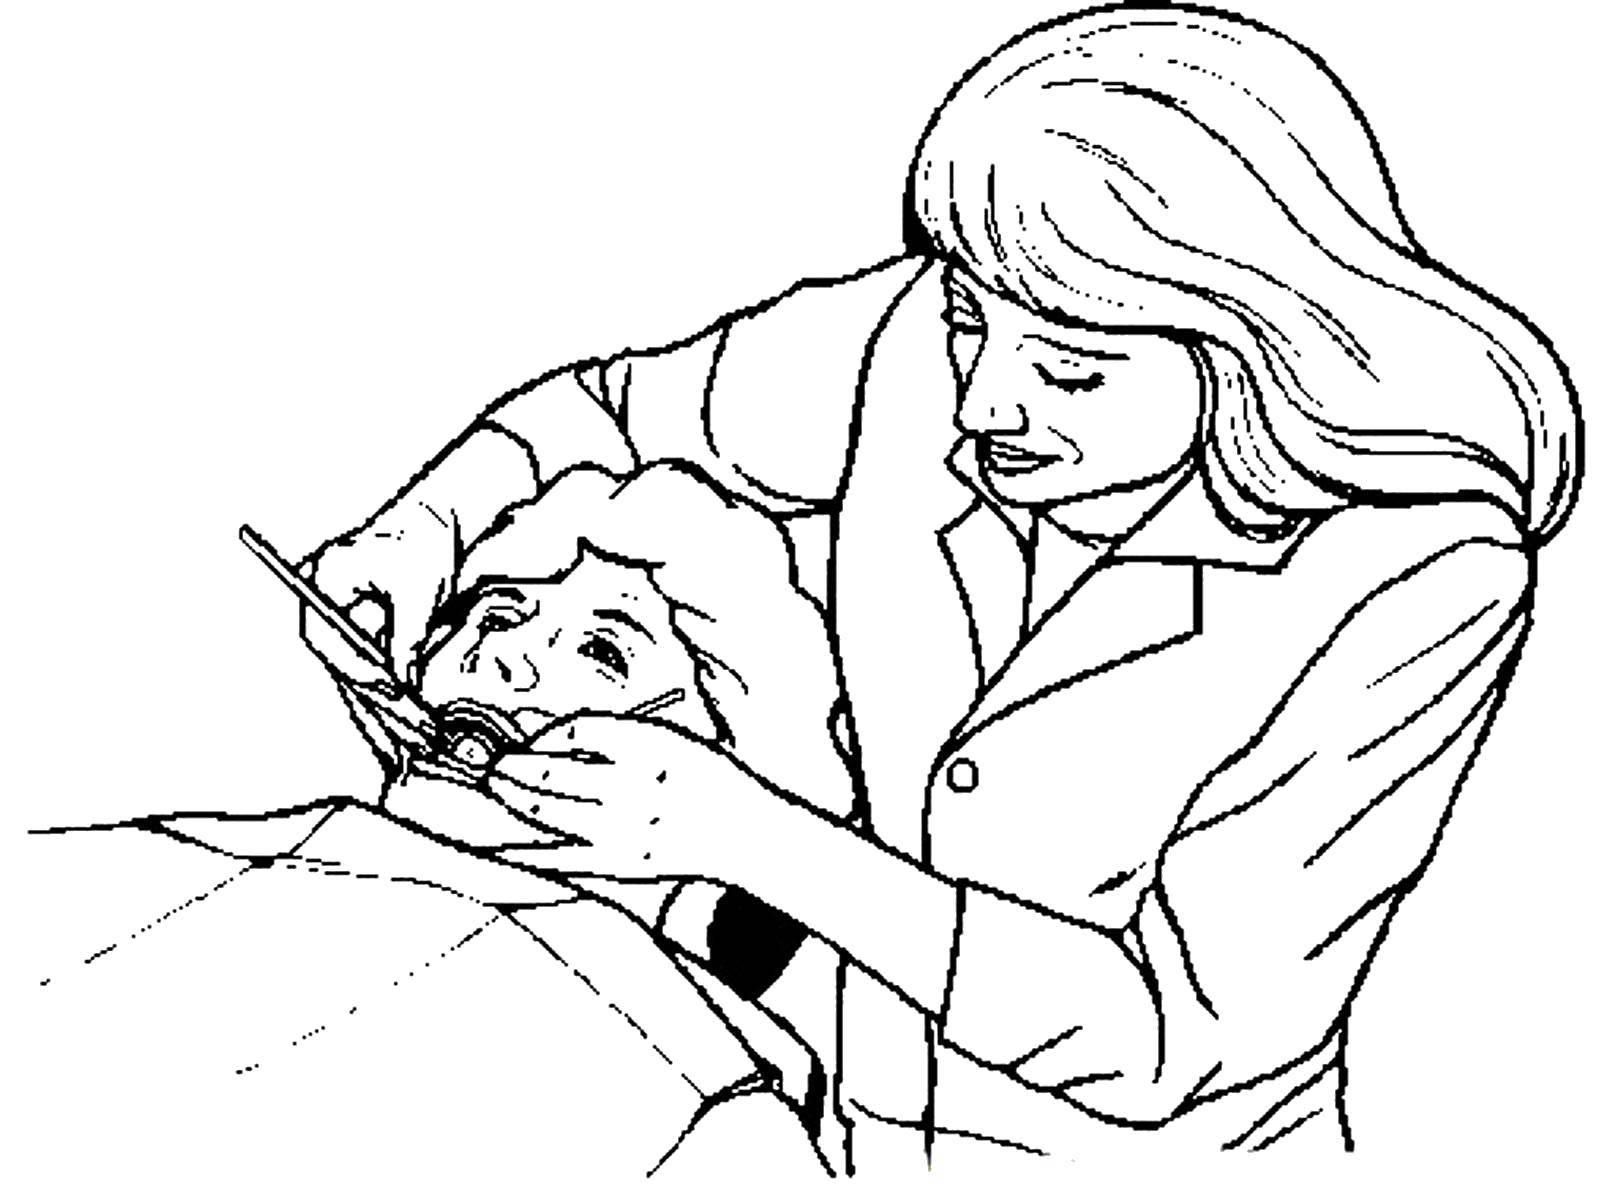 Раскраски Врач Раскраски про врачей для детей, раскраски доктор, медсестра, стоматолог, хирург,